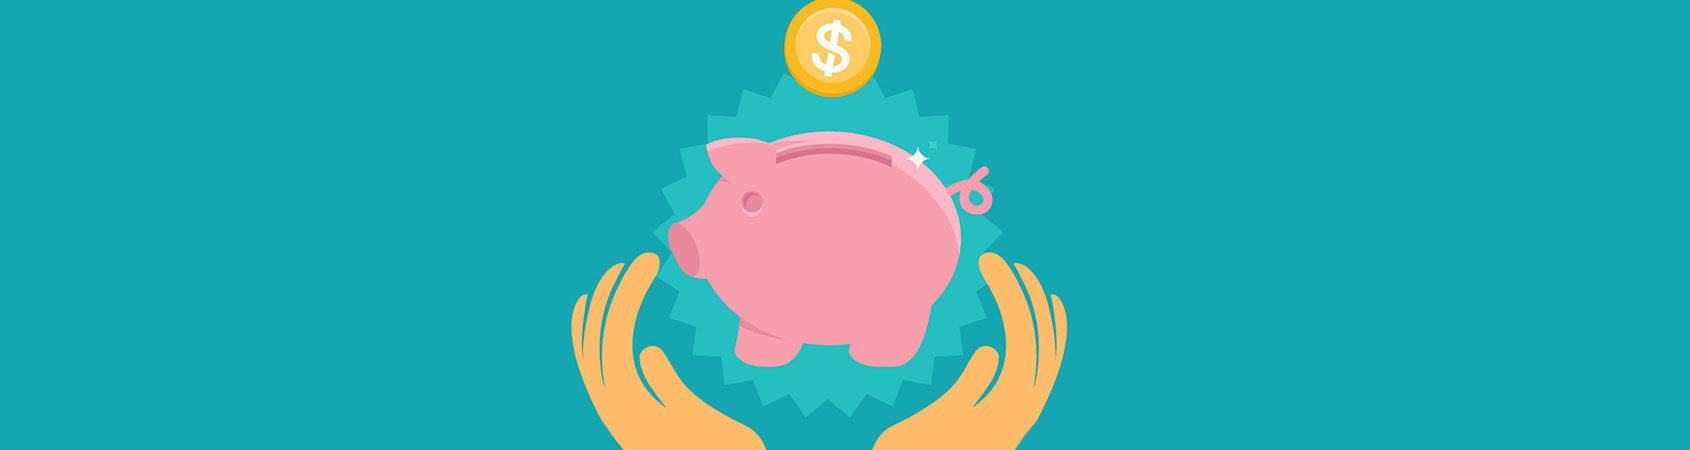 Pourquoi votre entreprise devrait calculer son coût par lead